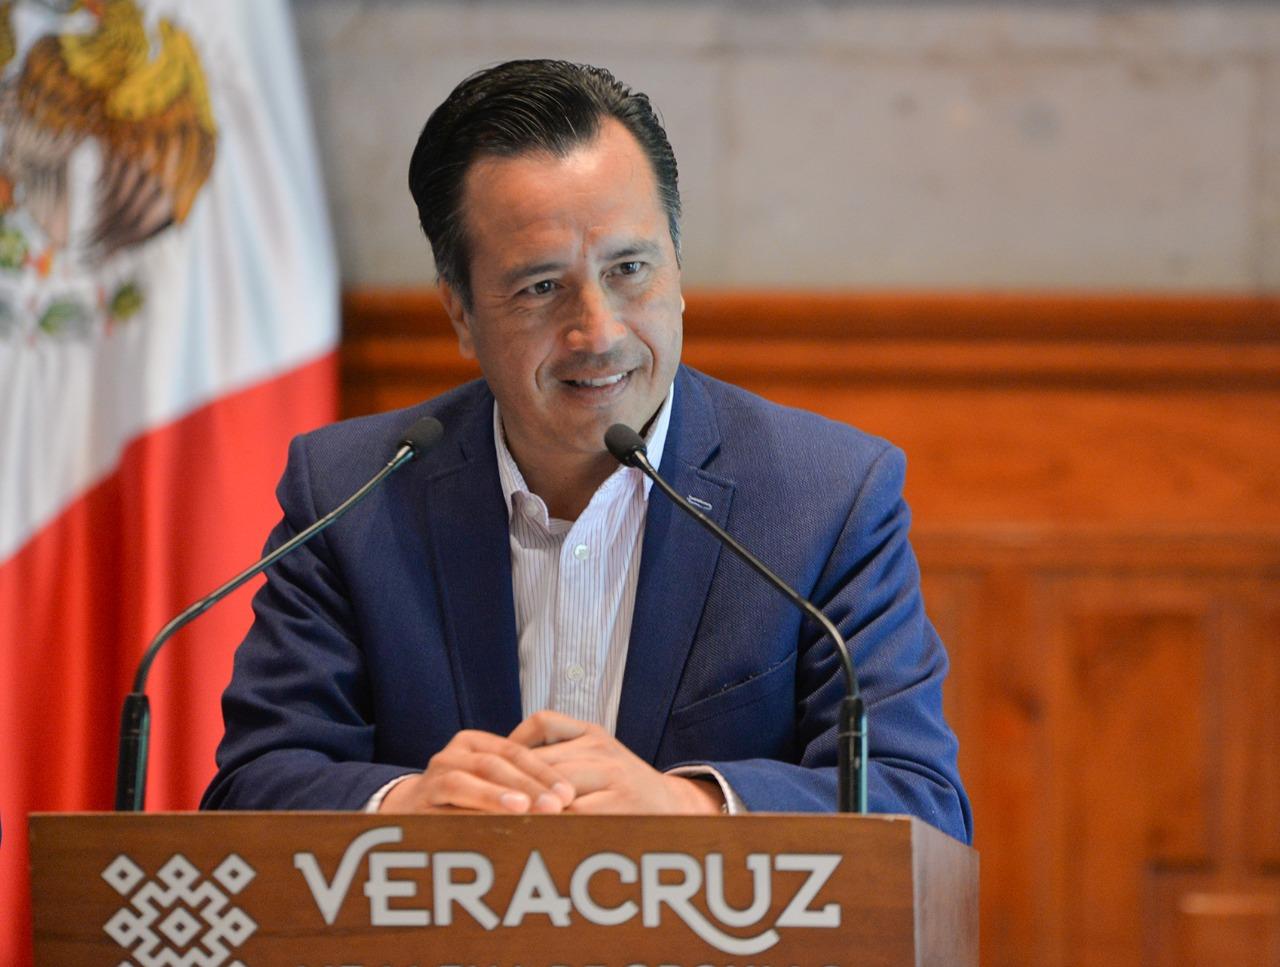 Encuesta revela que a 200 días de su gobierno, 51% de veracruzanos aprueba a Cuitláhuac García